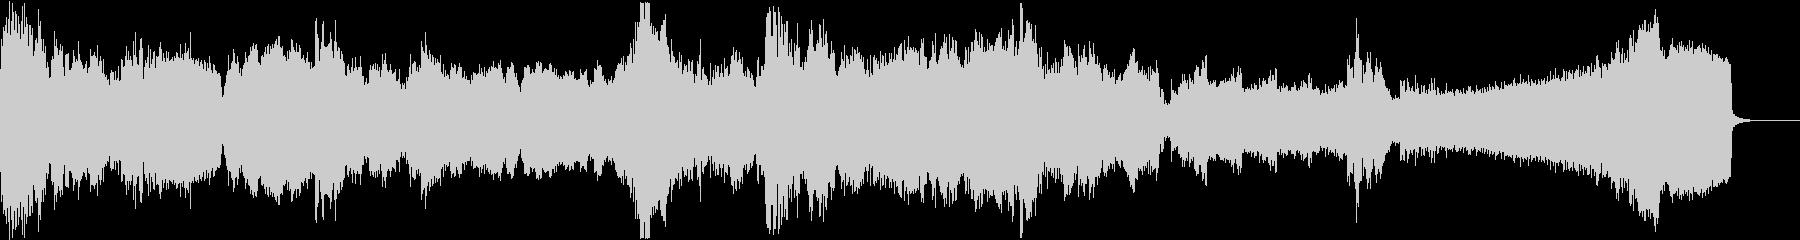 【ダークアンビエント】 悪夢の目覚めの未再生の波形